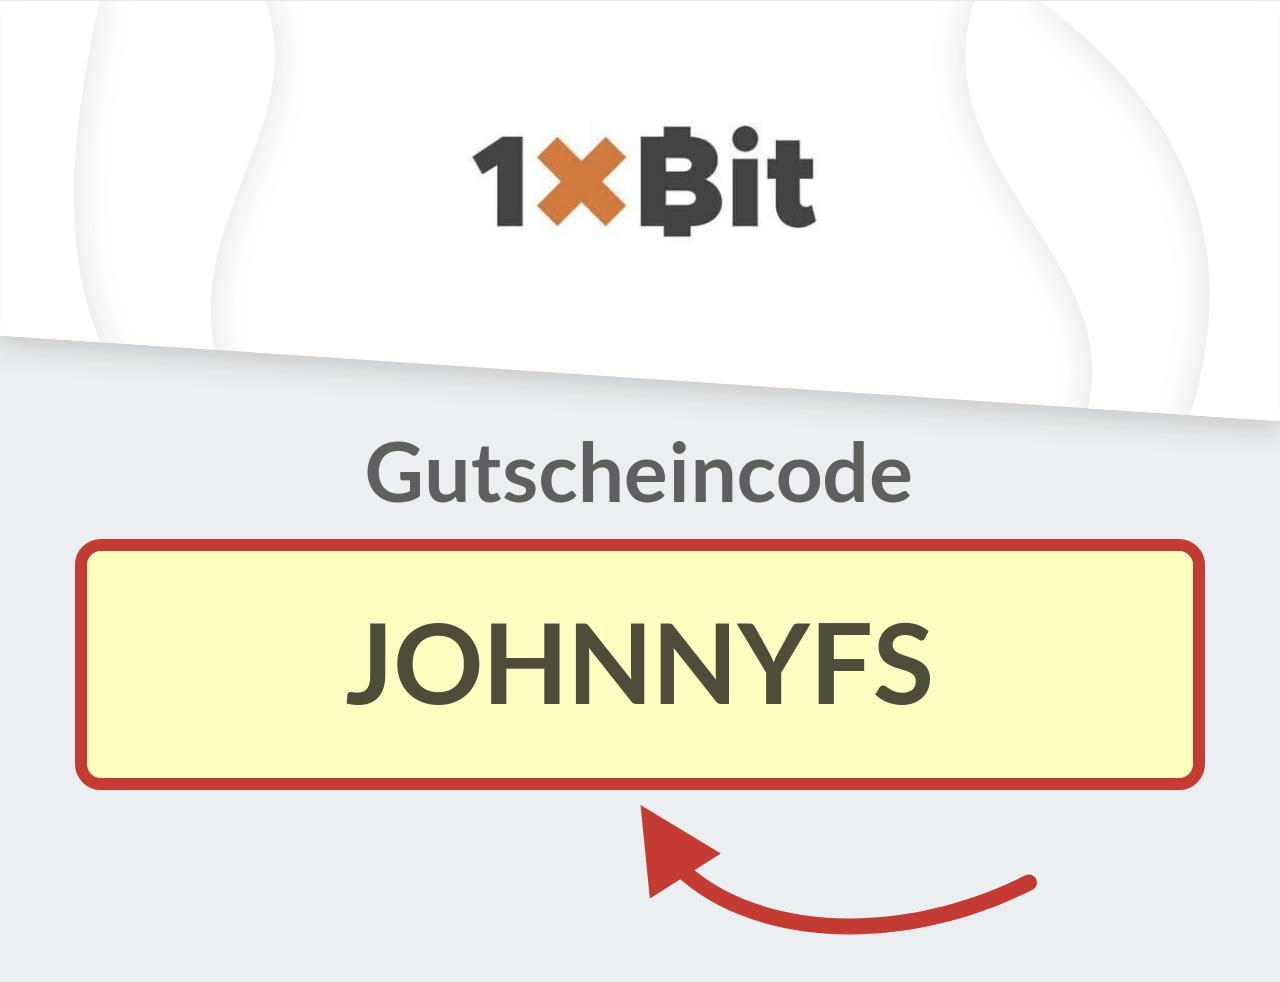 1xBit Gutscheincode